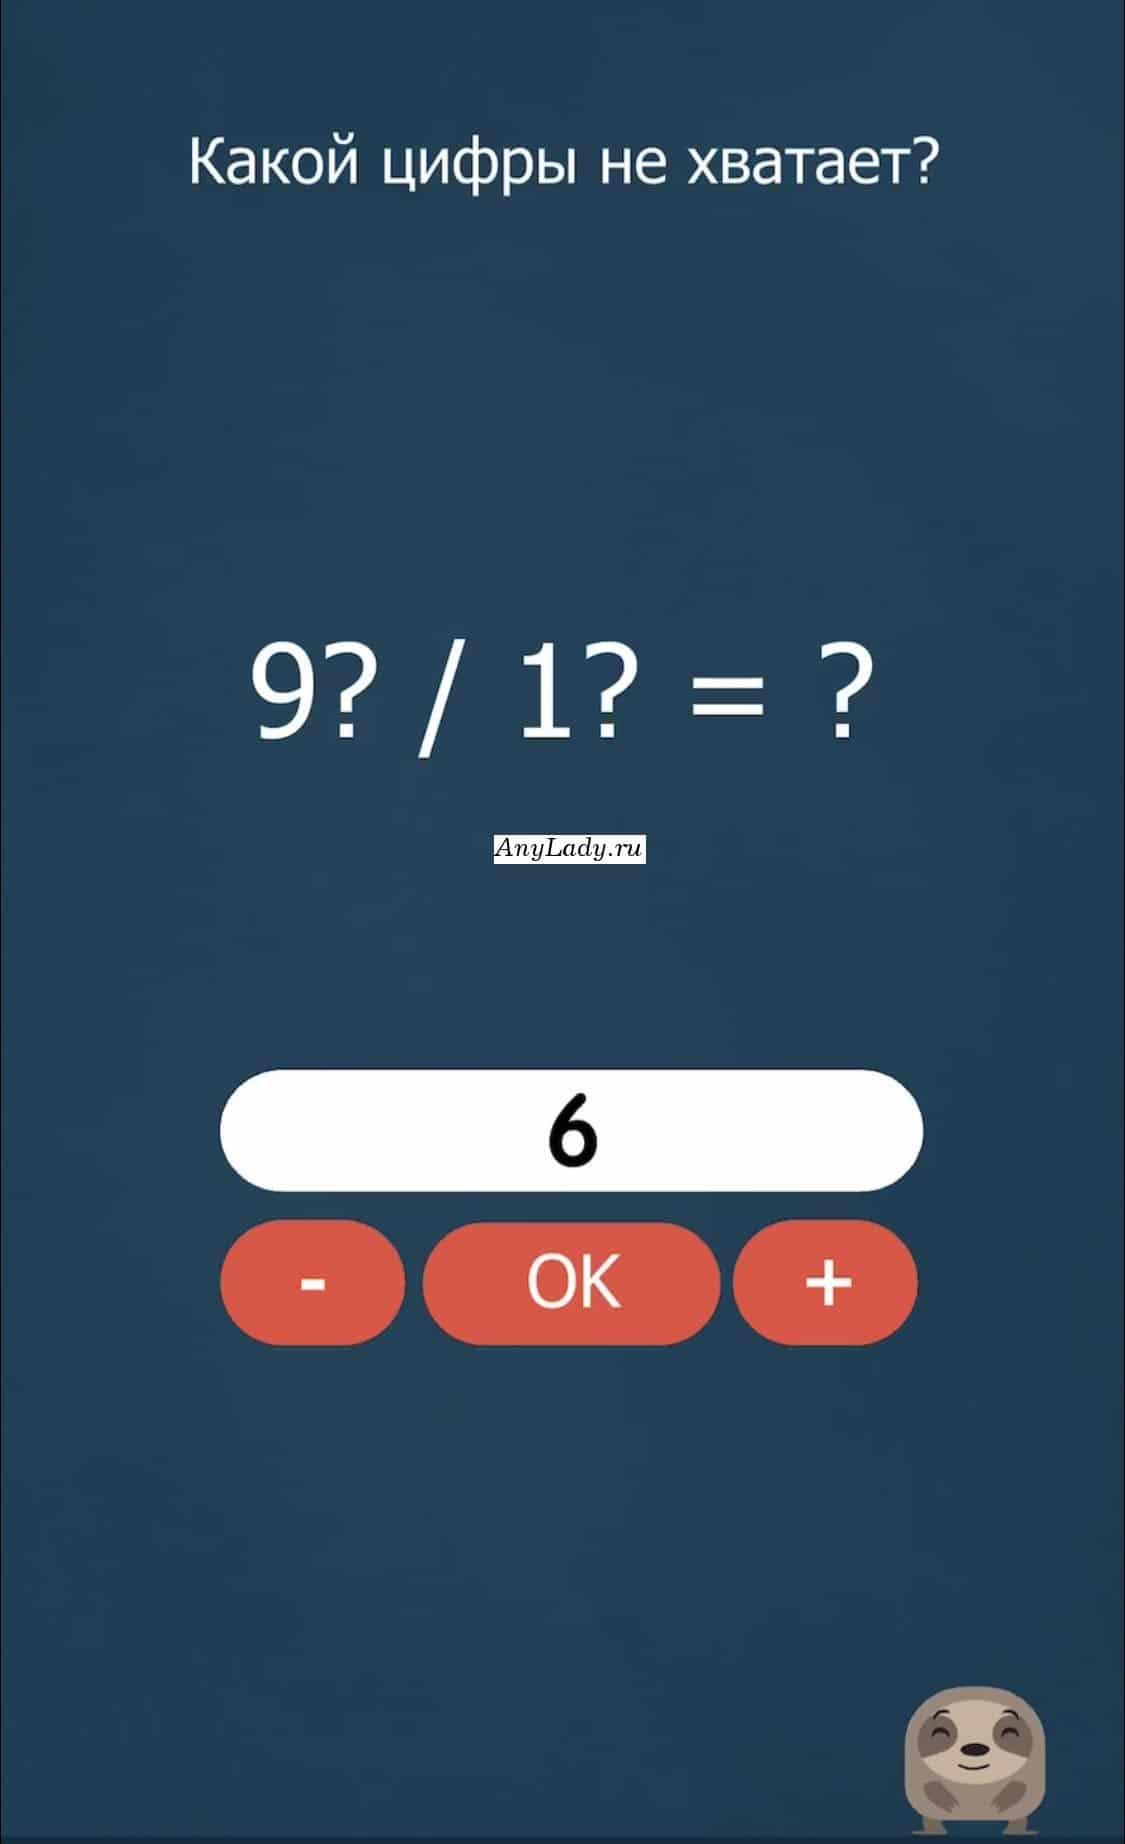 """В уравнении не хватает цифры 6 - шесть.   Наберите шесть и нажмите кнопку """"ОК""""."""